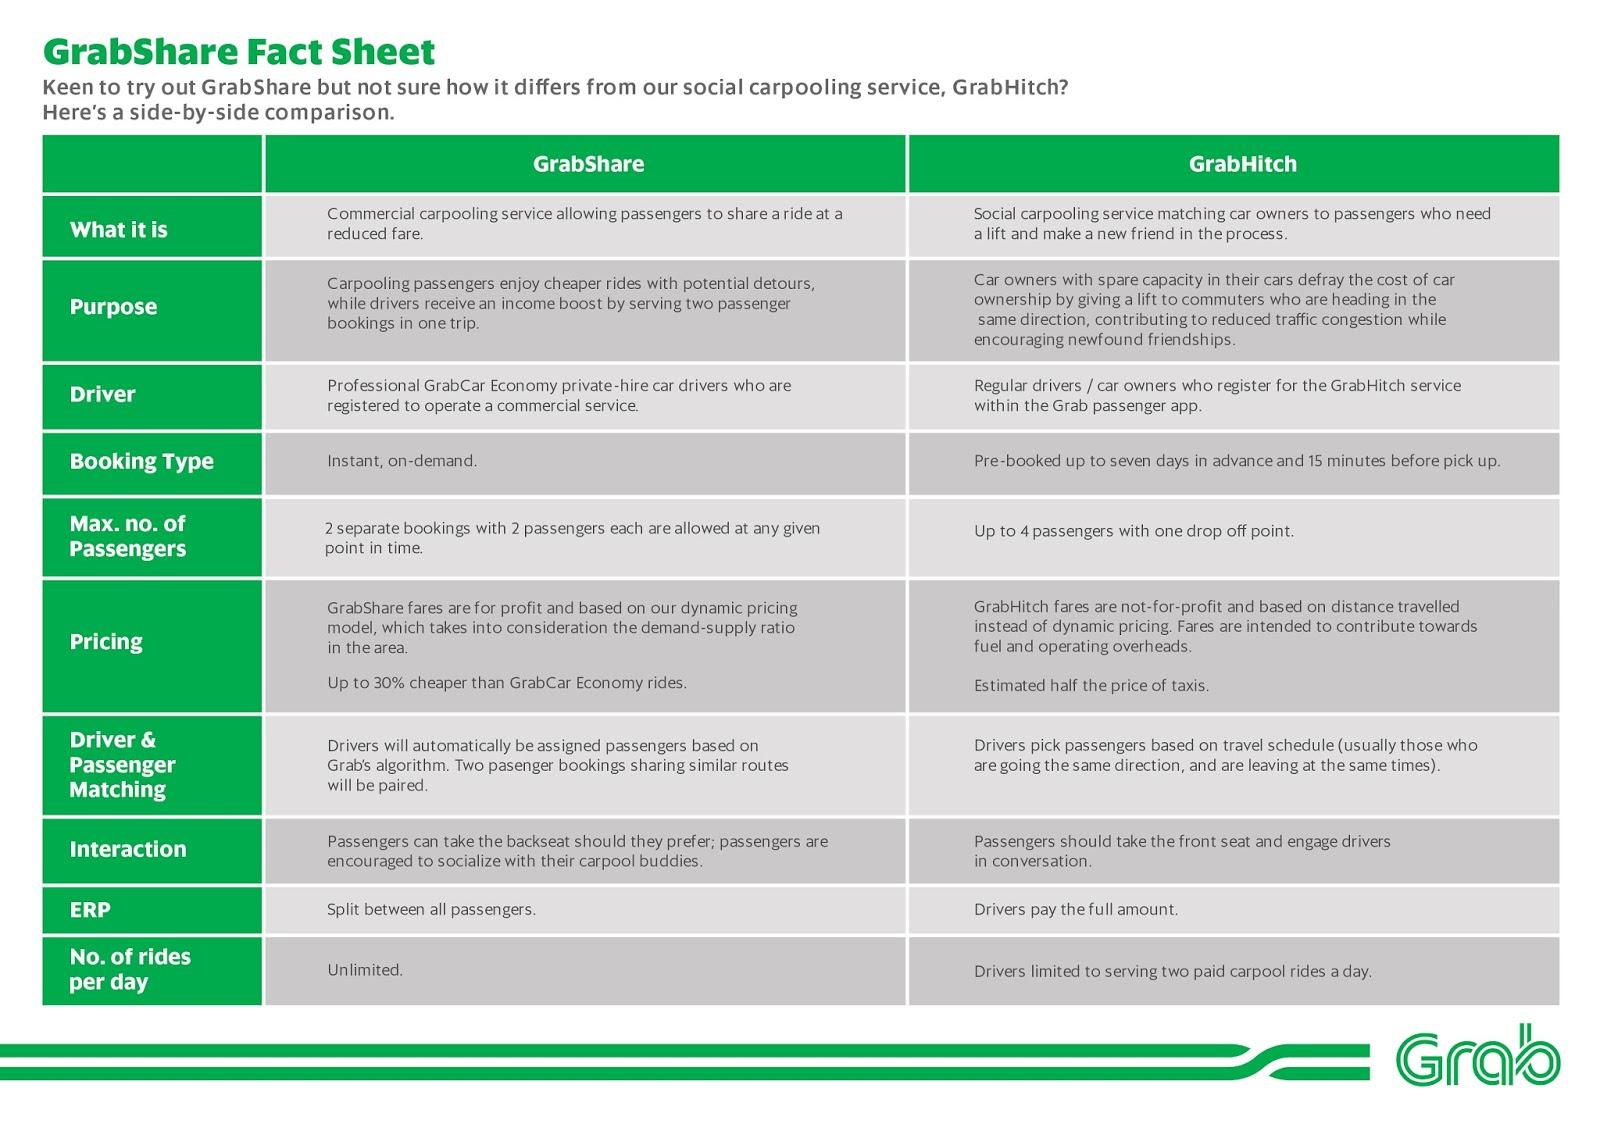 GrabShare versus GrabHitch factsheet